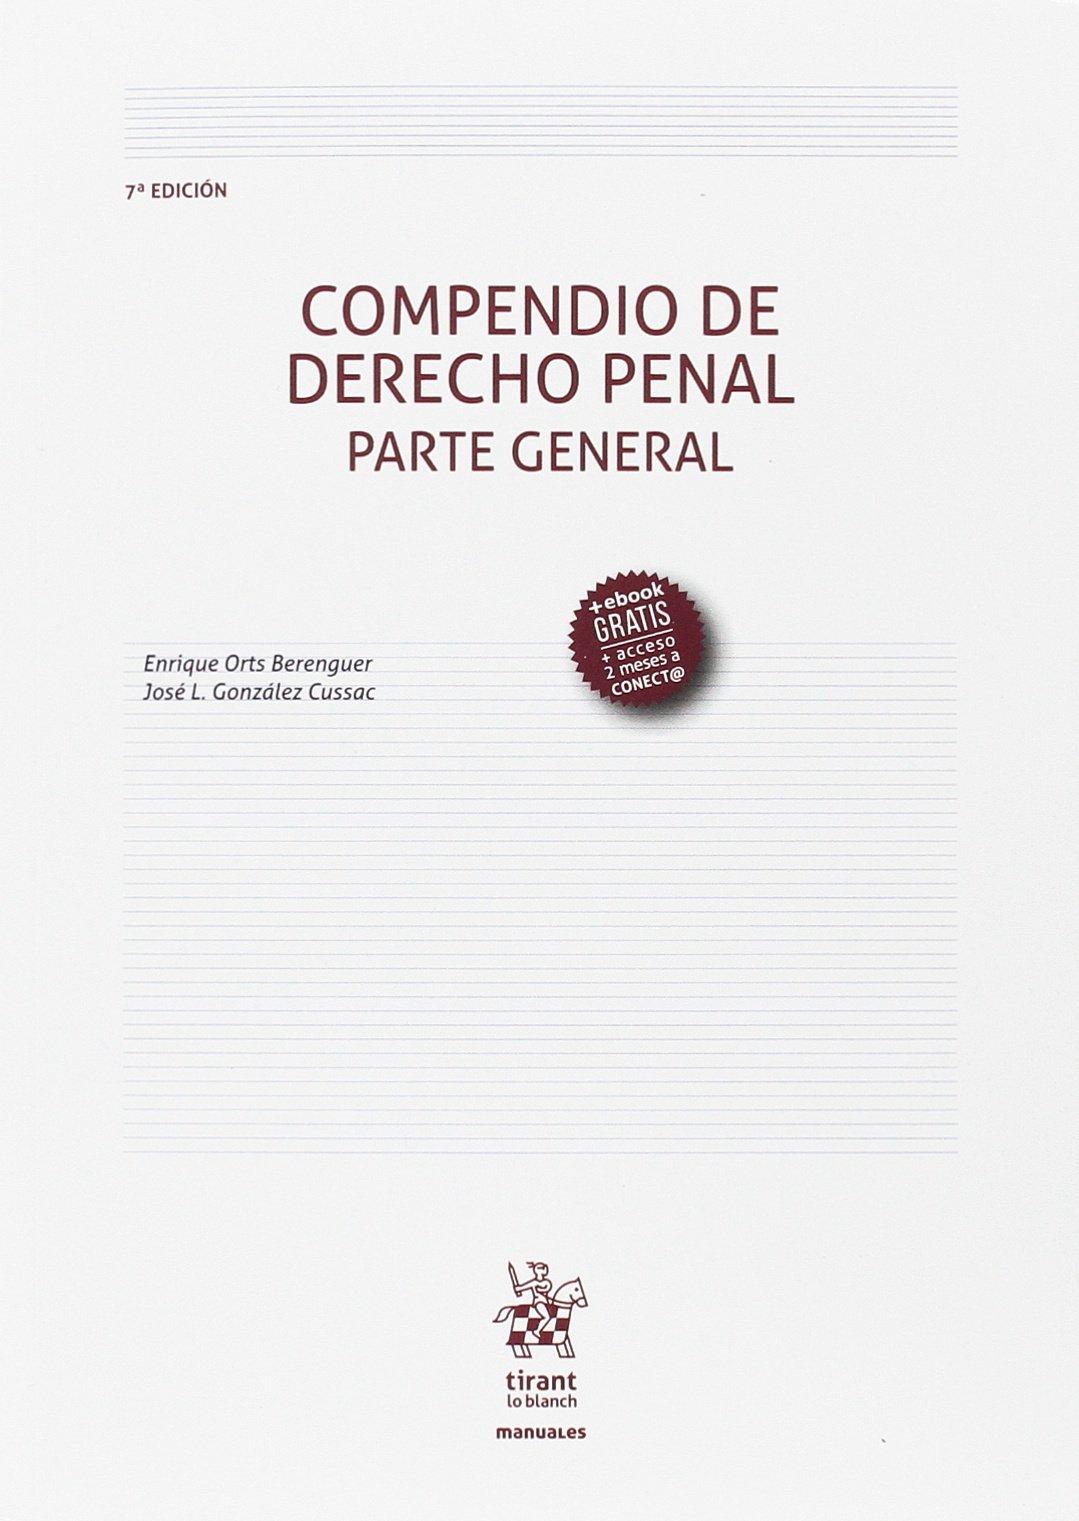 Compendio de Derecho Penal Parte General 7ª Edición 2017 Manuales de Derecho Penal: Amazon.es: Orts Berenguer, Enrique: Libros